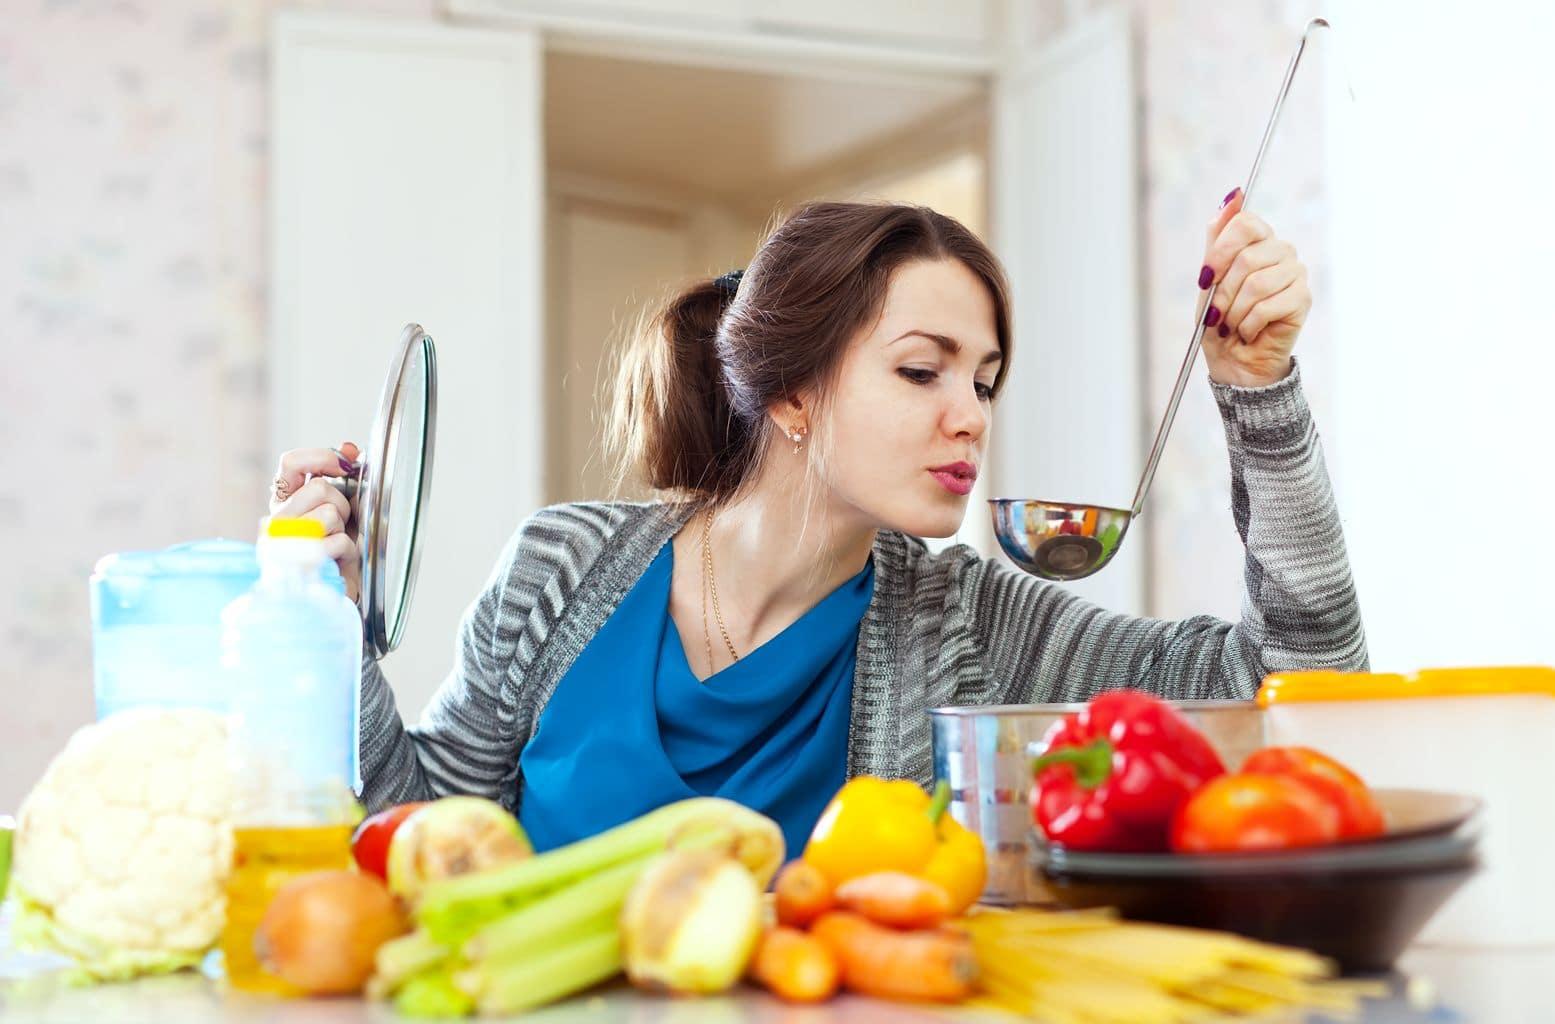 Диета при молочнице у женщин: что можно есть, список продуктов